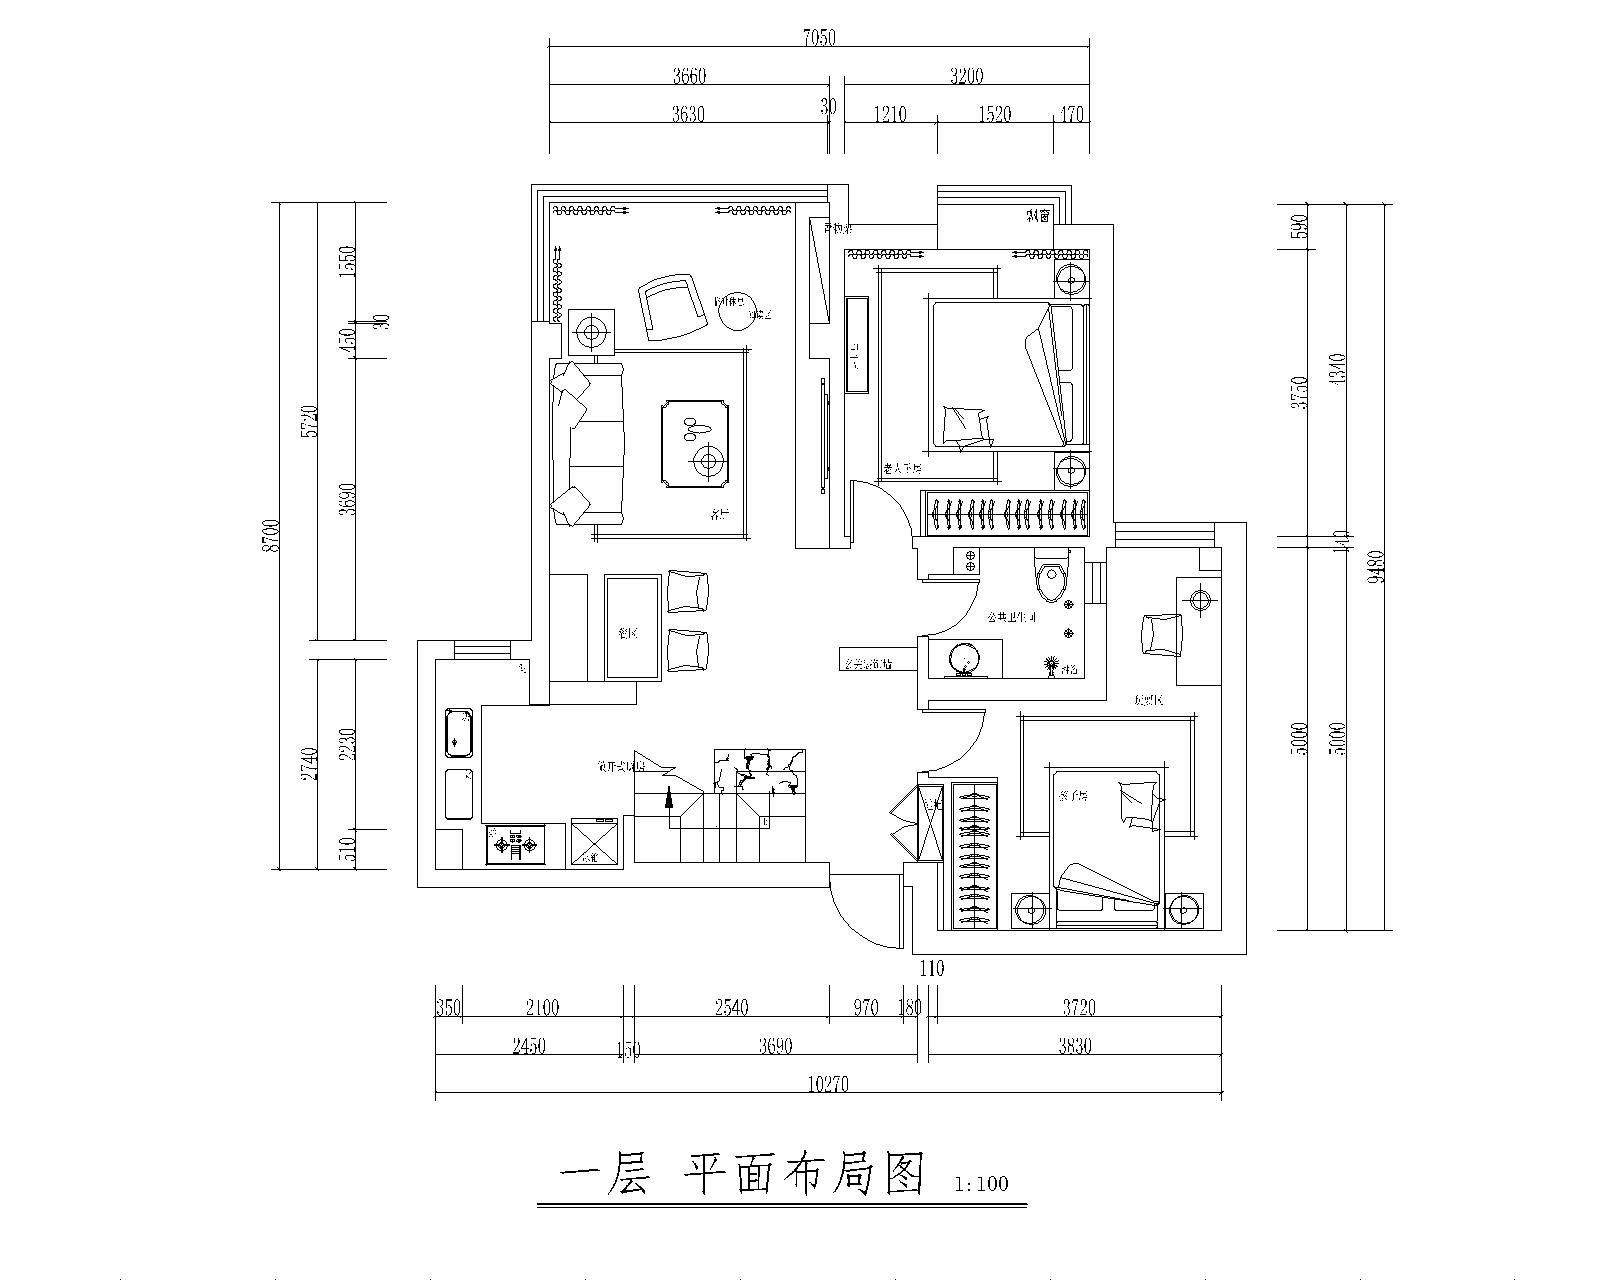 宝盛 施工图纸-Model.jpg